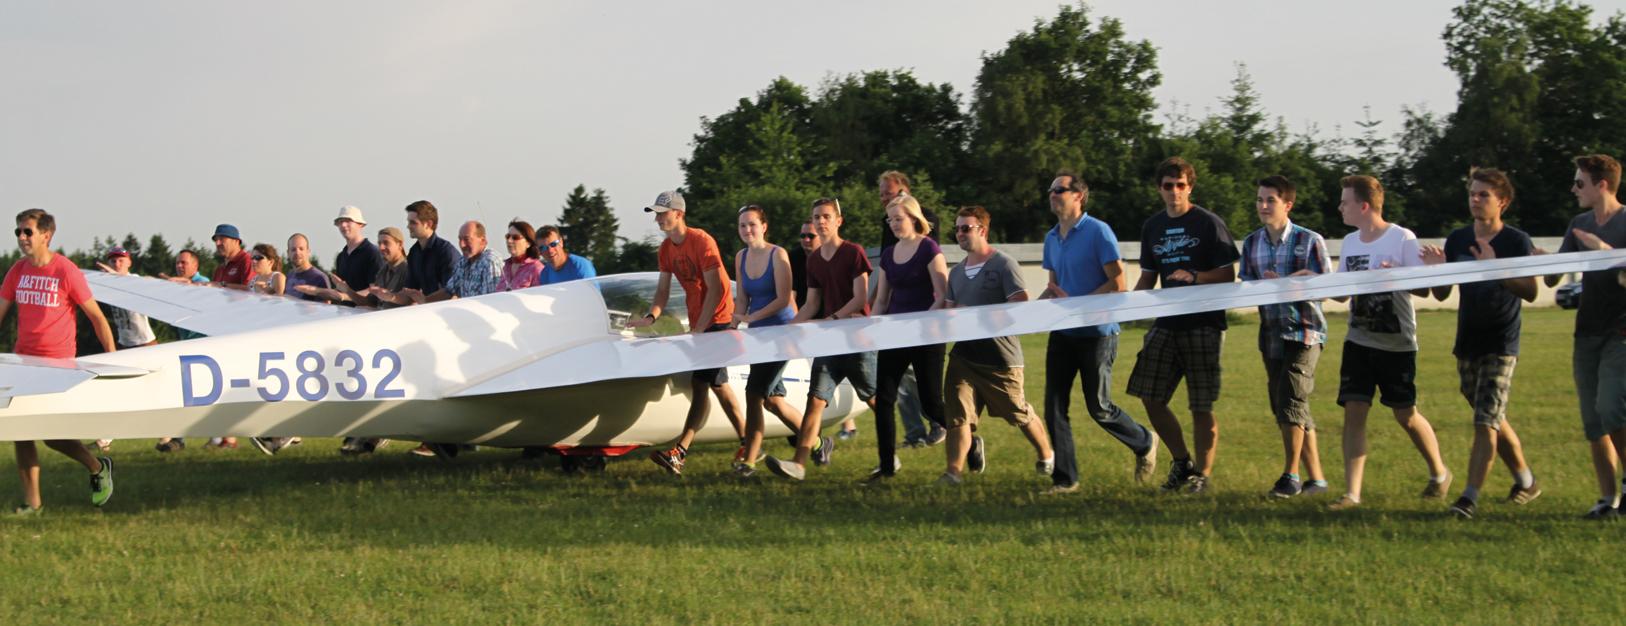 Segelfliegen ist Teamsport